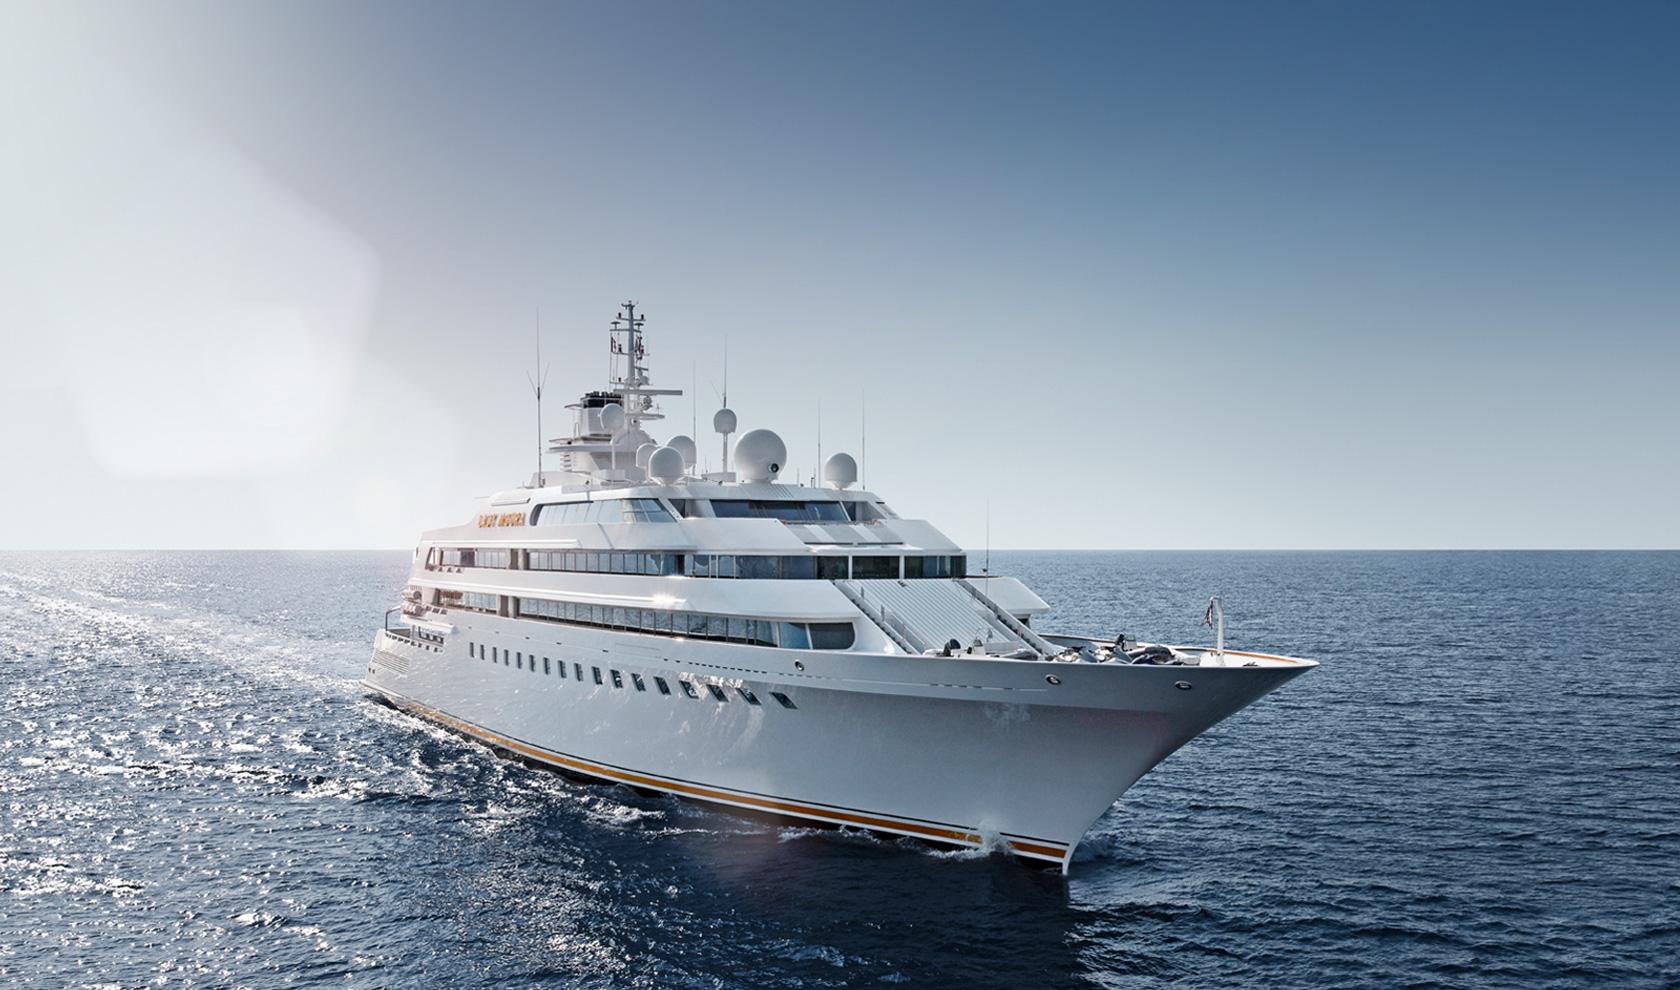 Yacht LADY MOURA A 105m Mega Yacht By Blohm Amp Voss